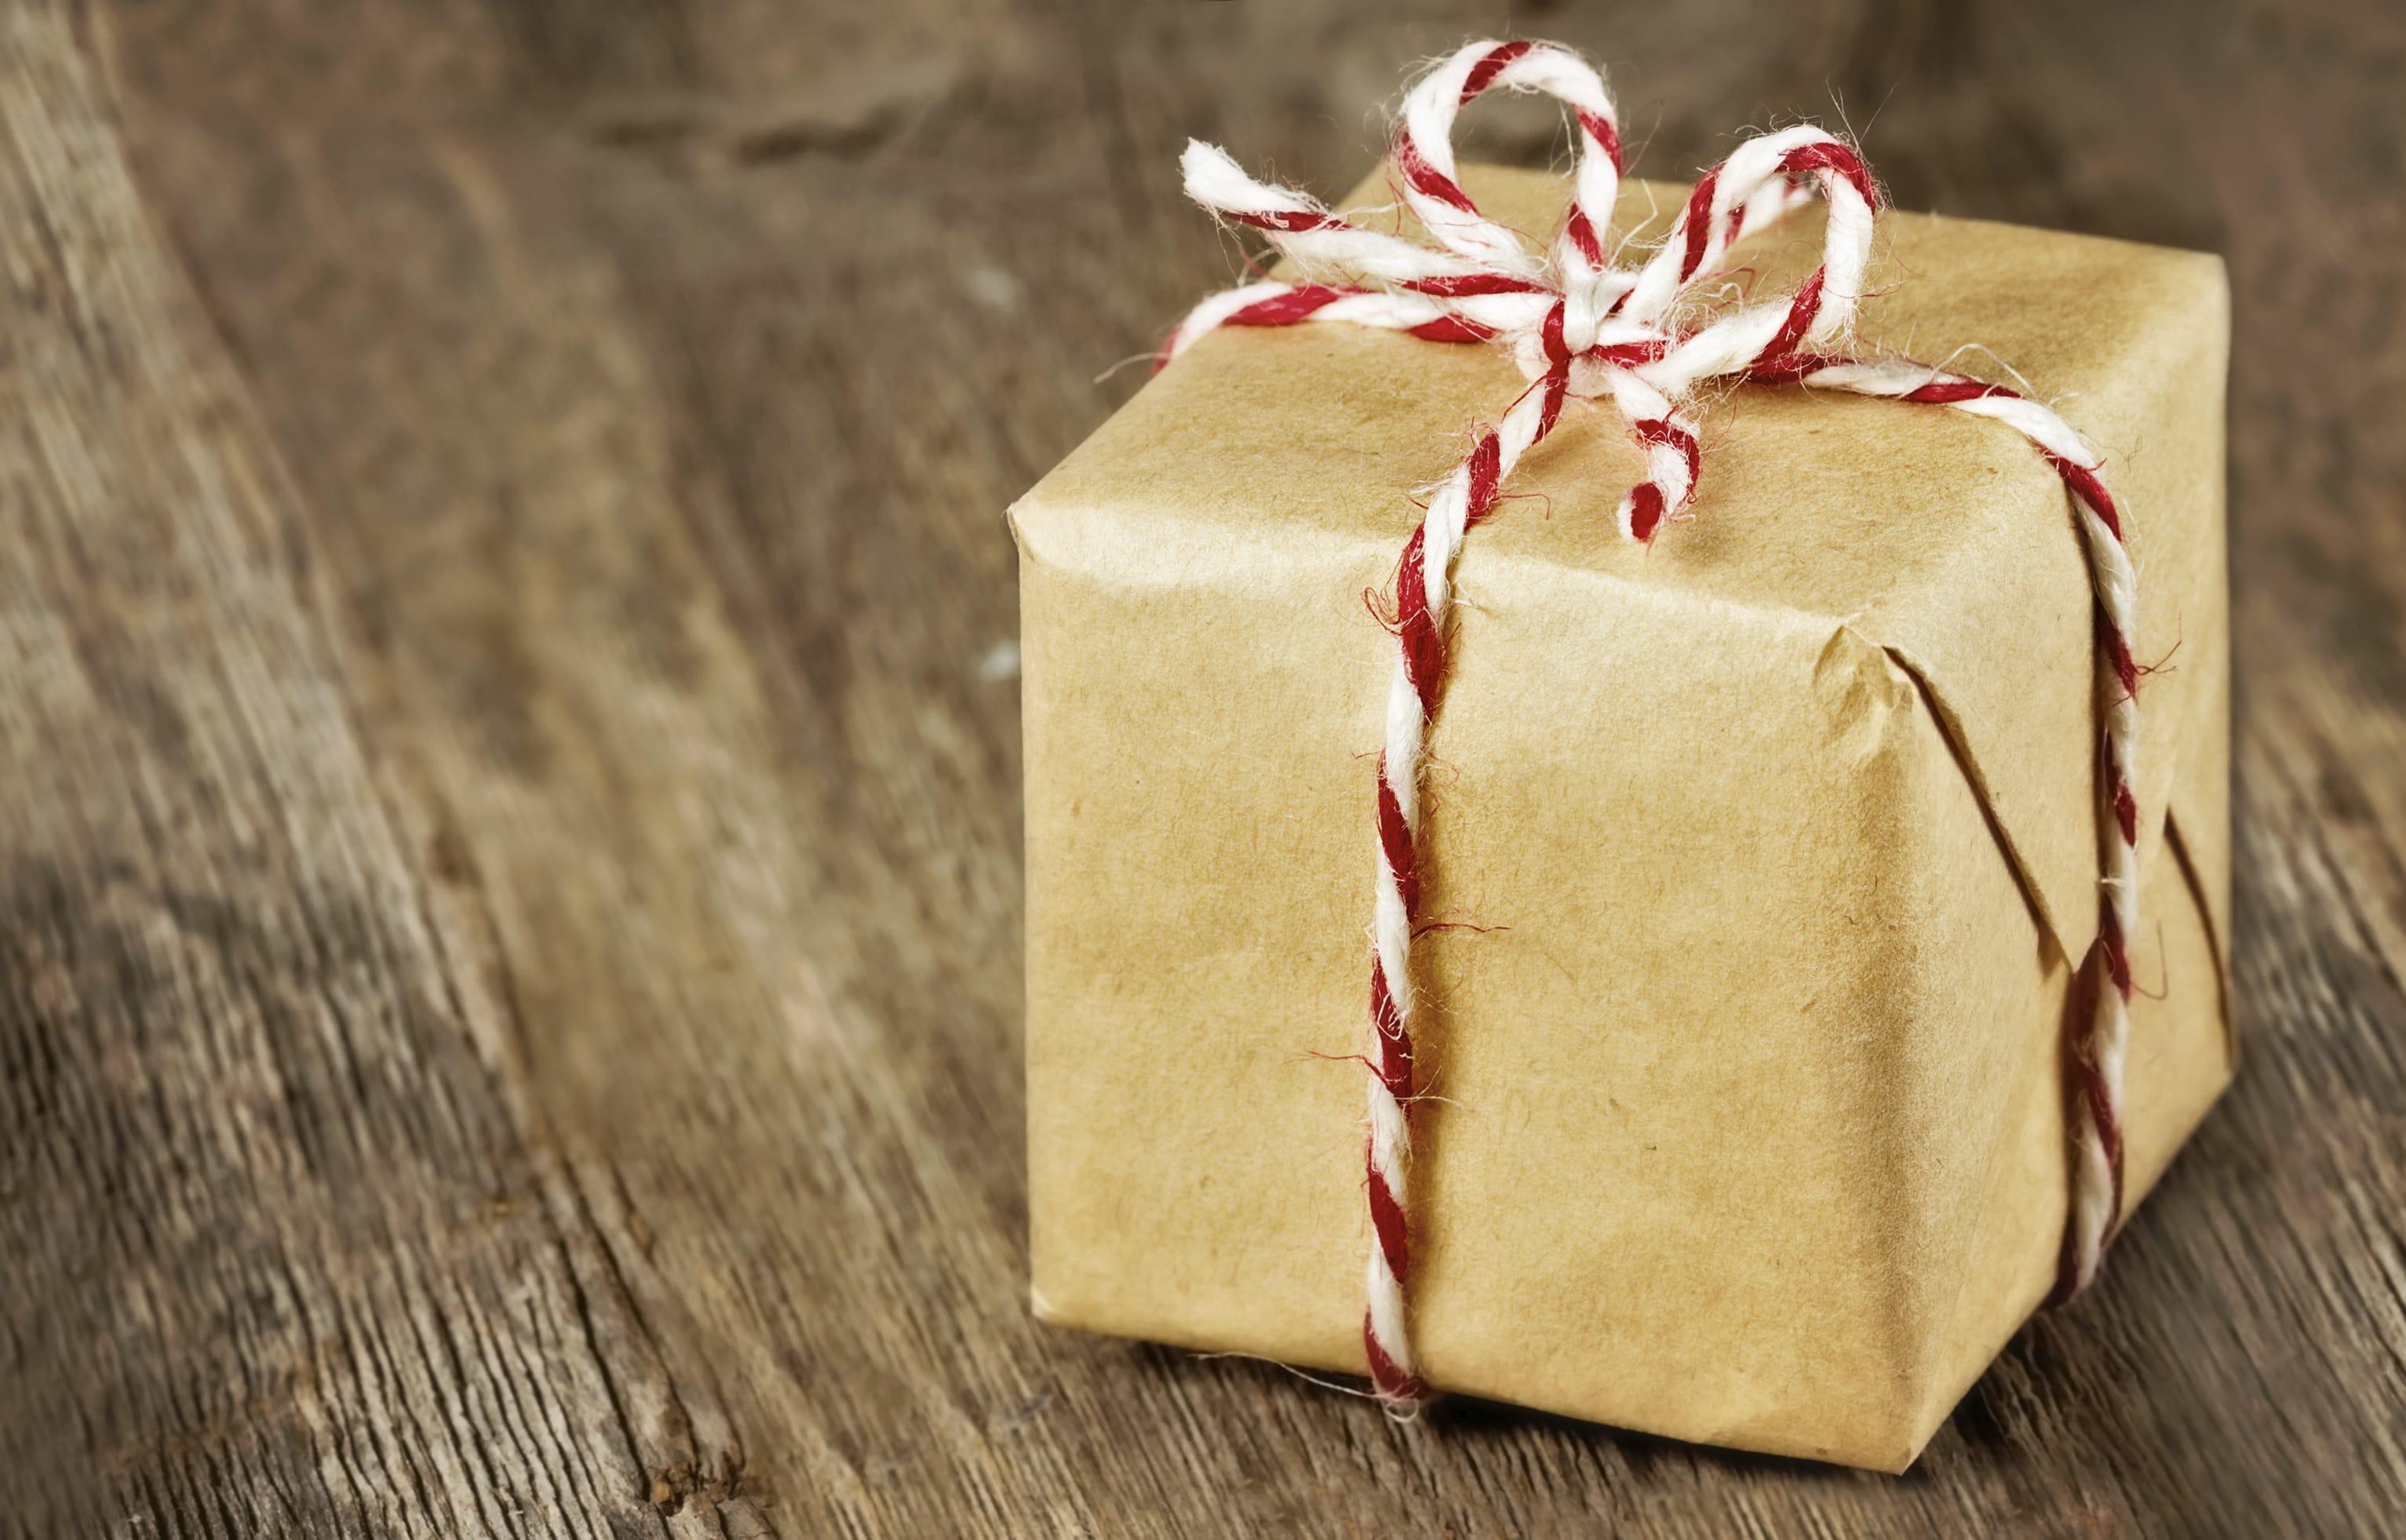 Super Carta regalo fai da te | Foto - Non sprecare IT16